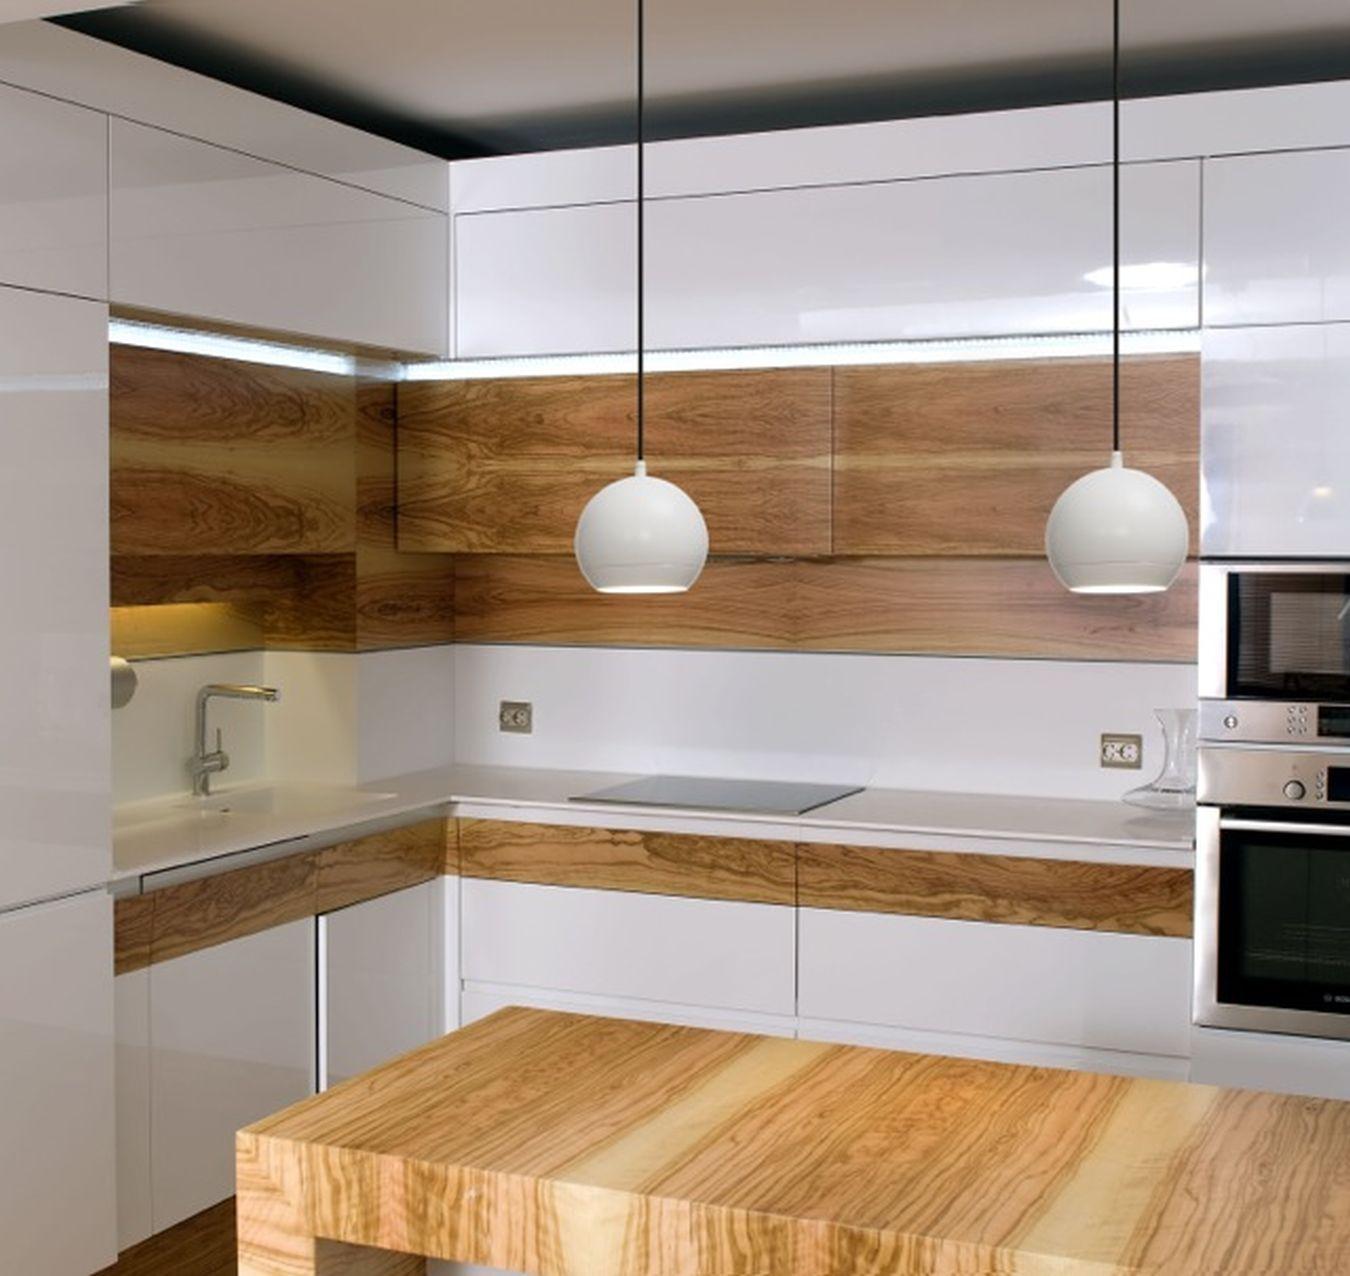 63223 ball 2 lampara techo cocina habitacion blanca decorativa - Lamparas cocina techo ...